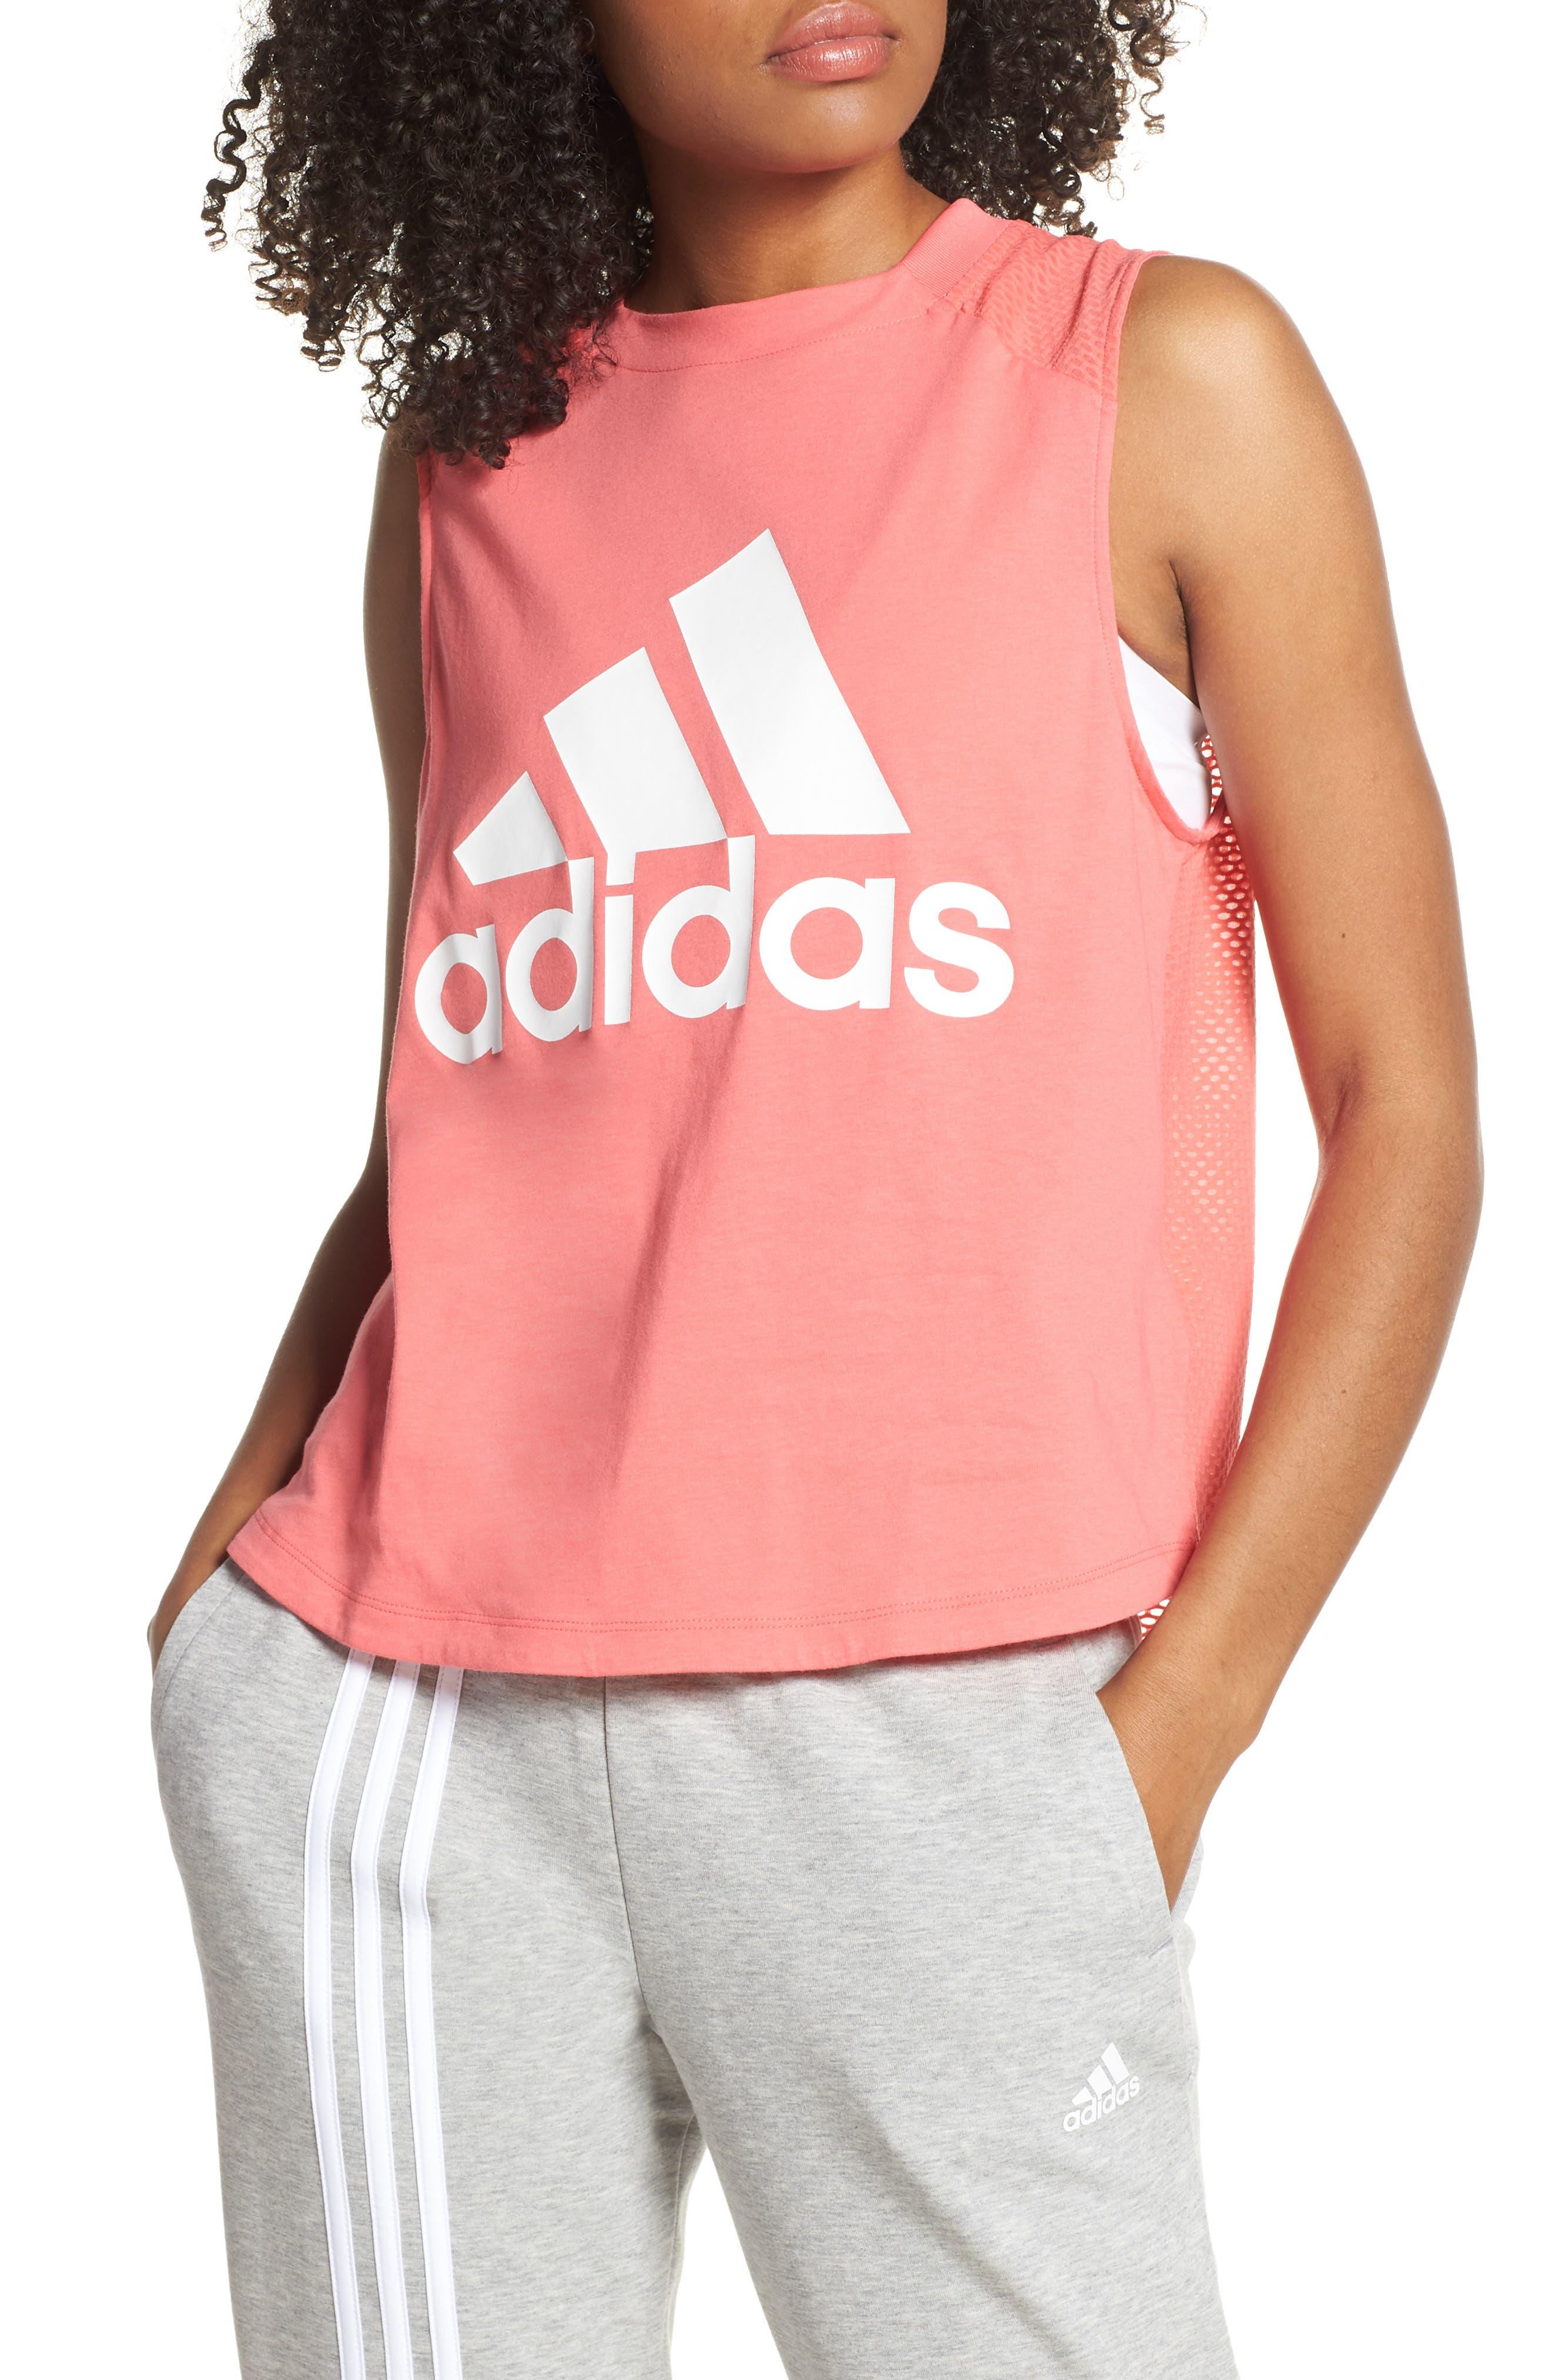 00d23e7f4479 Women s Adidas Tops